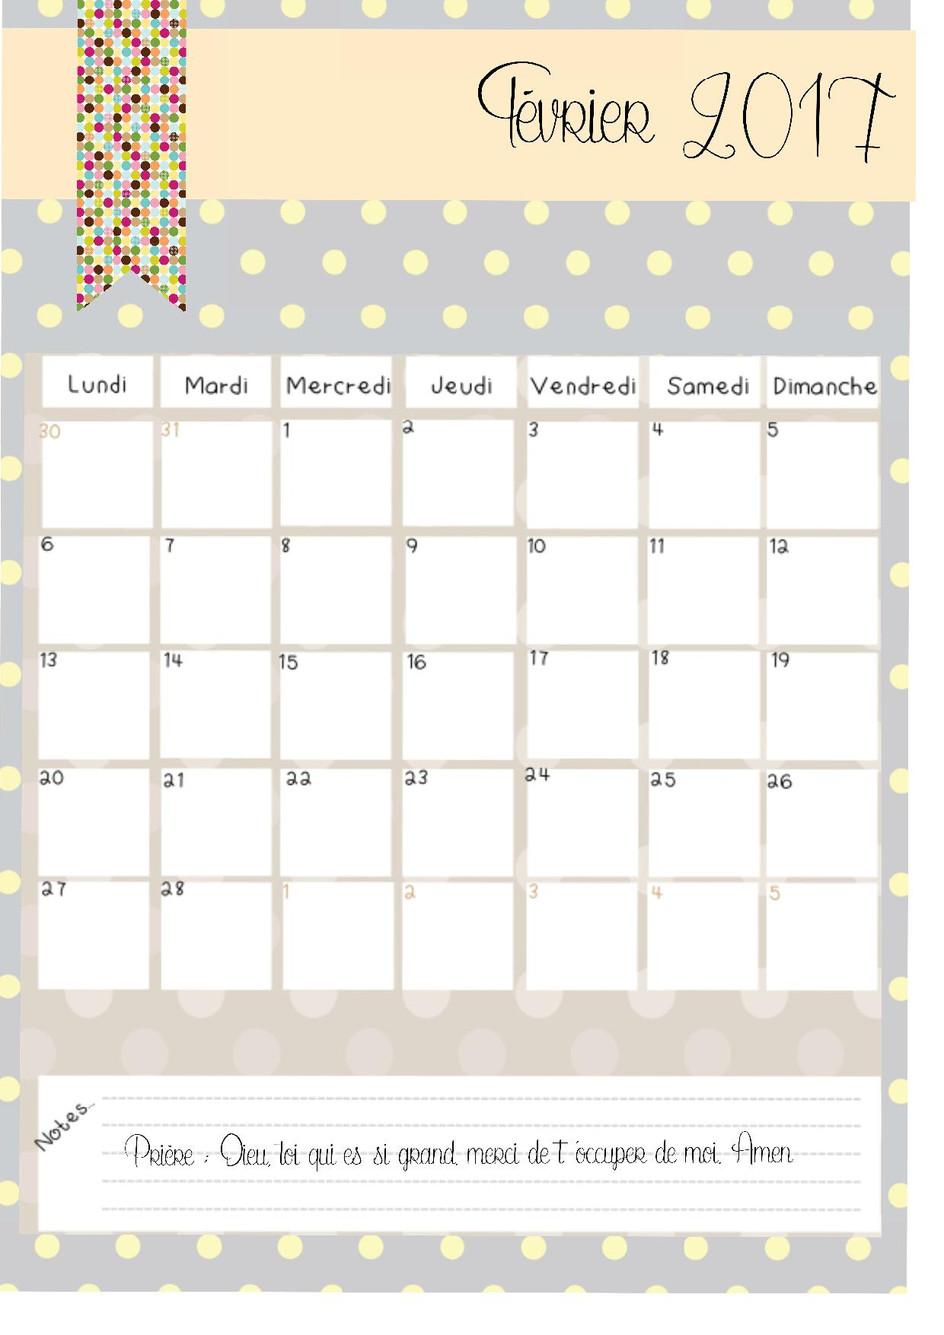 voici le mois de février !